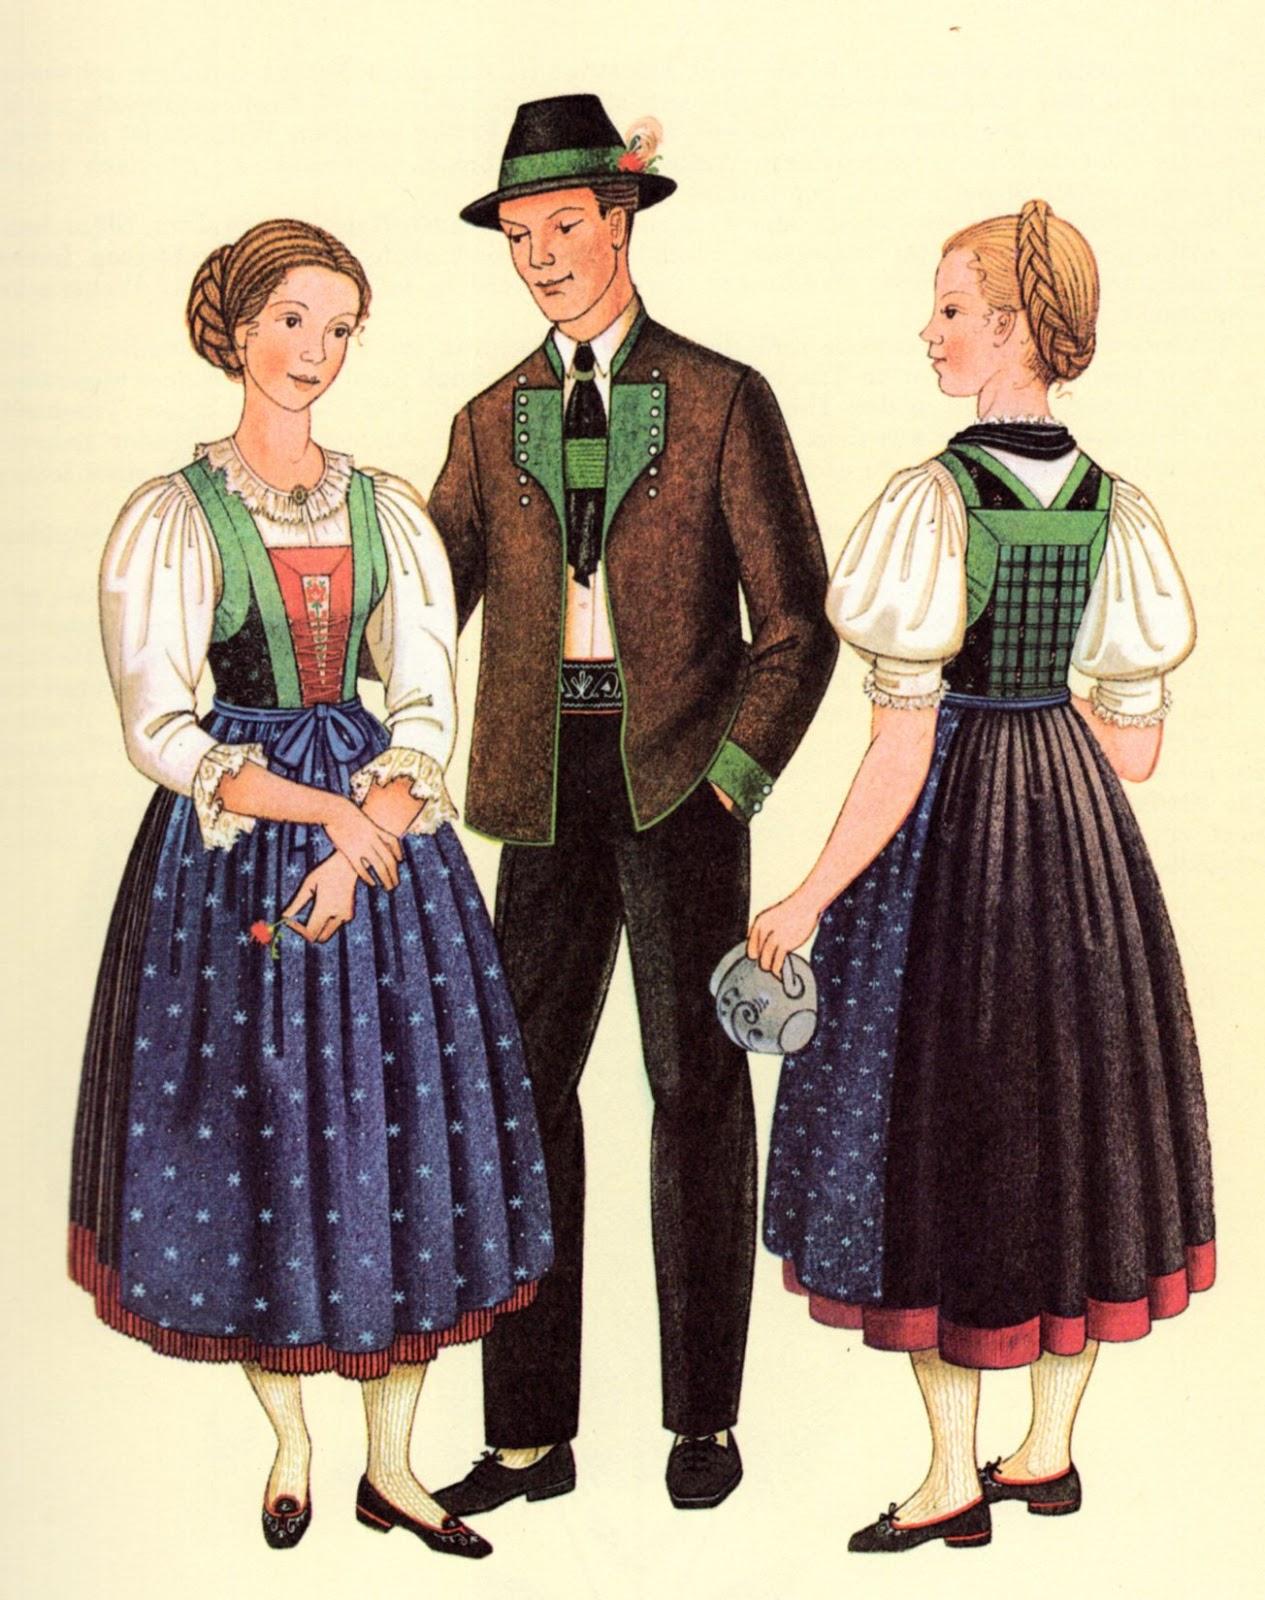 немцы костюм картинки даже мнение